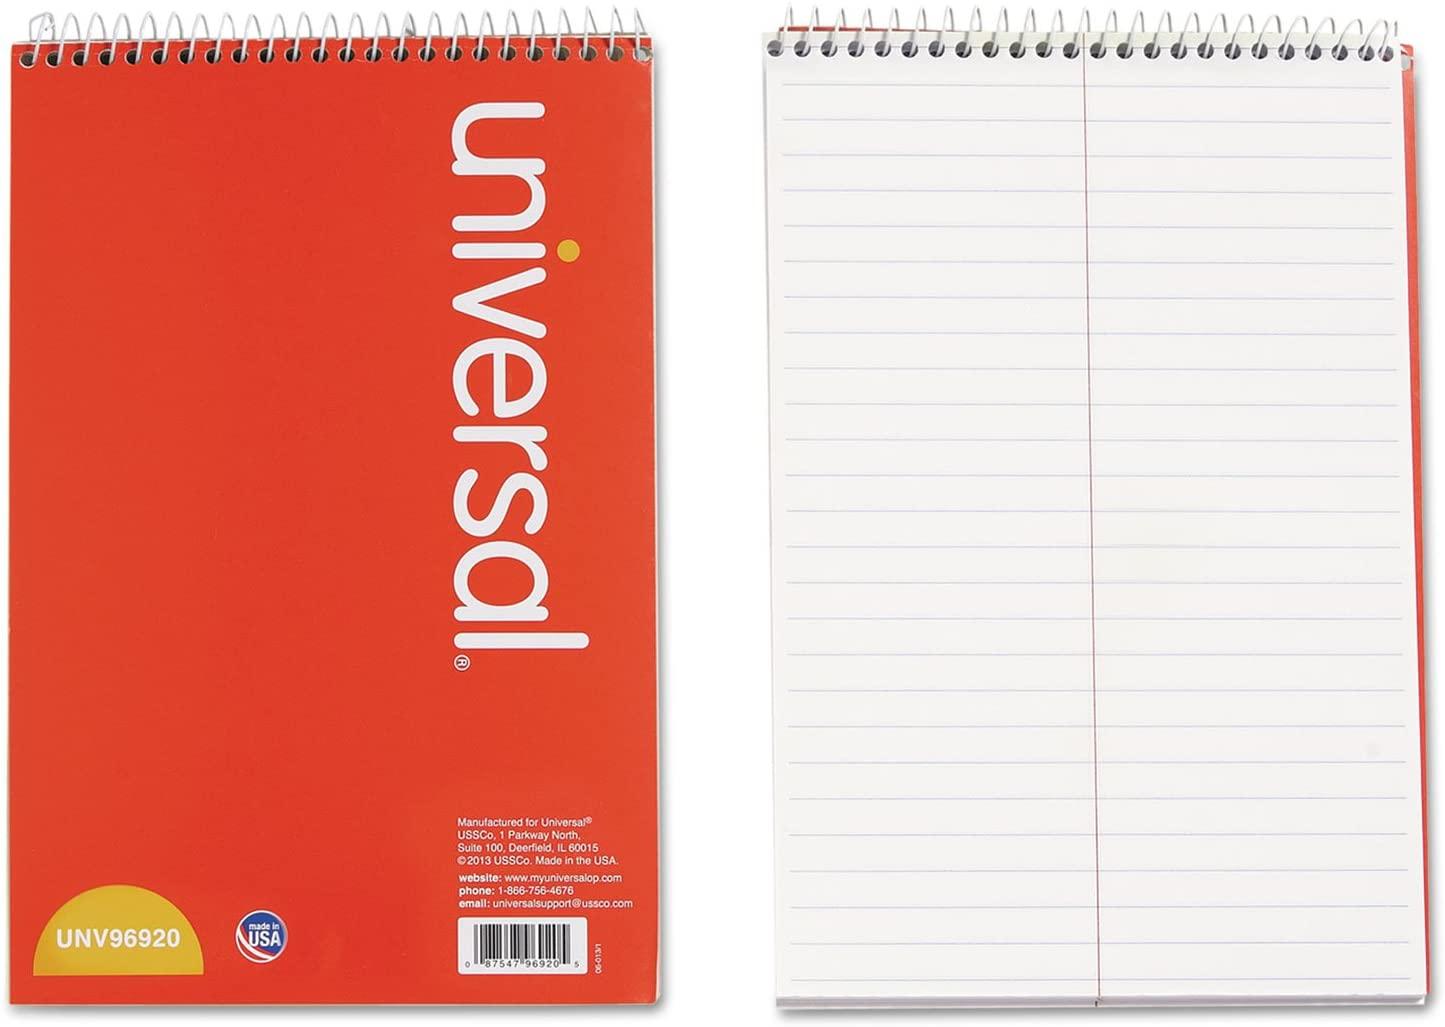 UNV96920 - Universal Steno Book